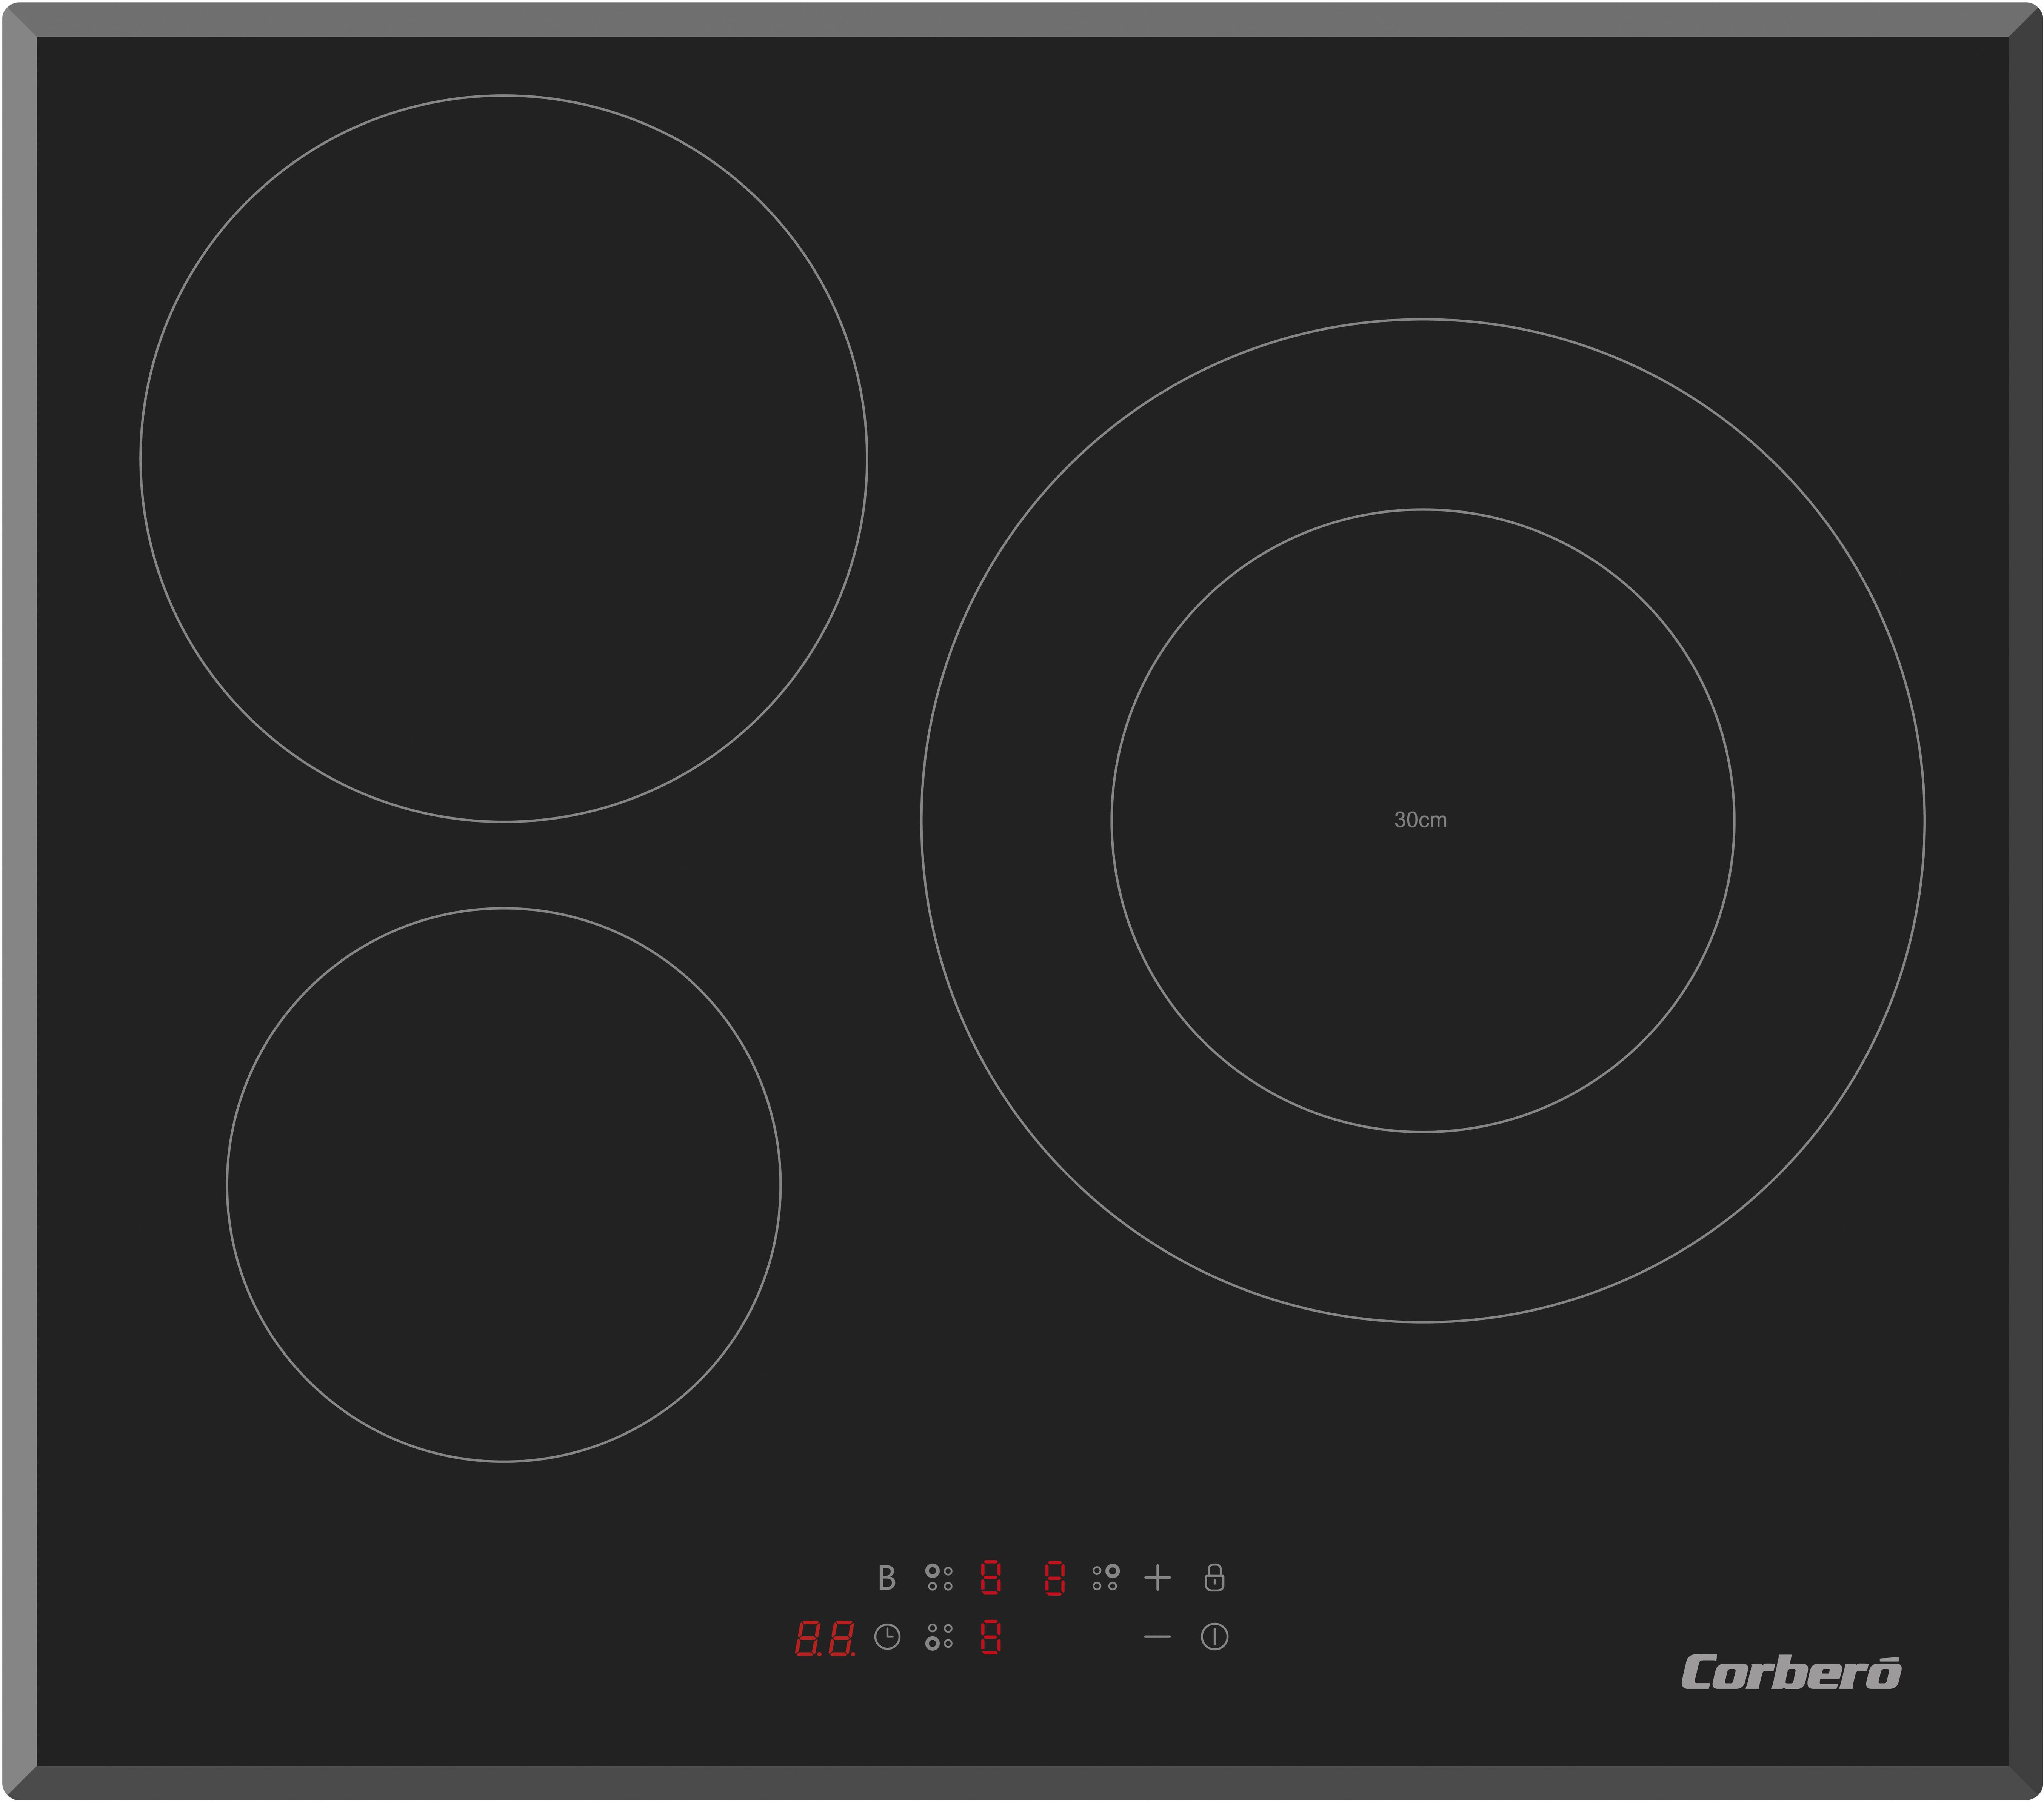 Placa Corbero CCIM3FBS310 3induccion 1doble 30cm